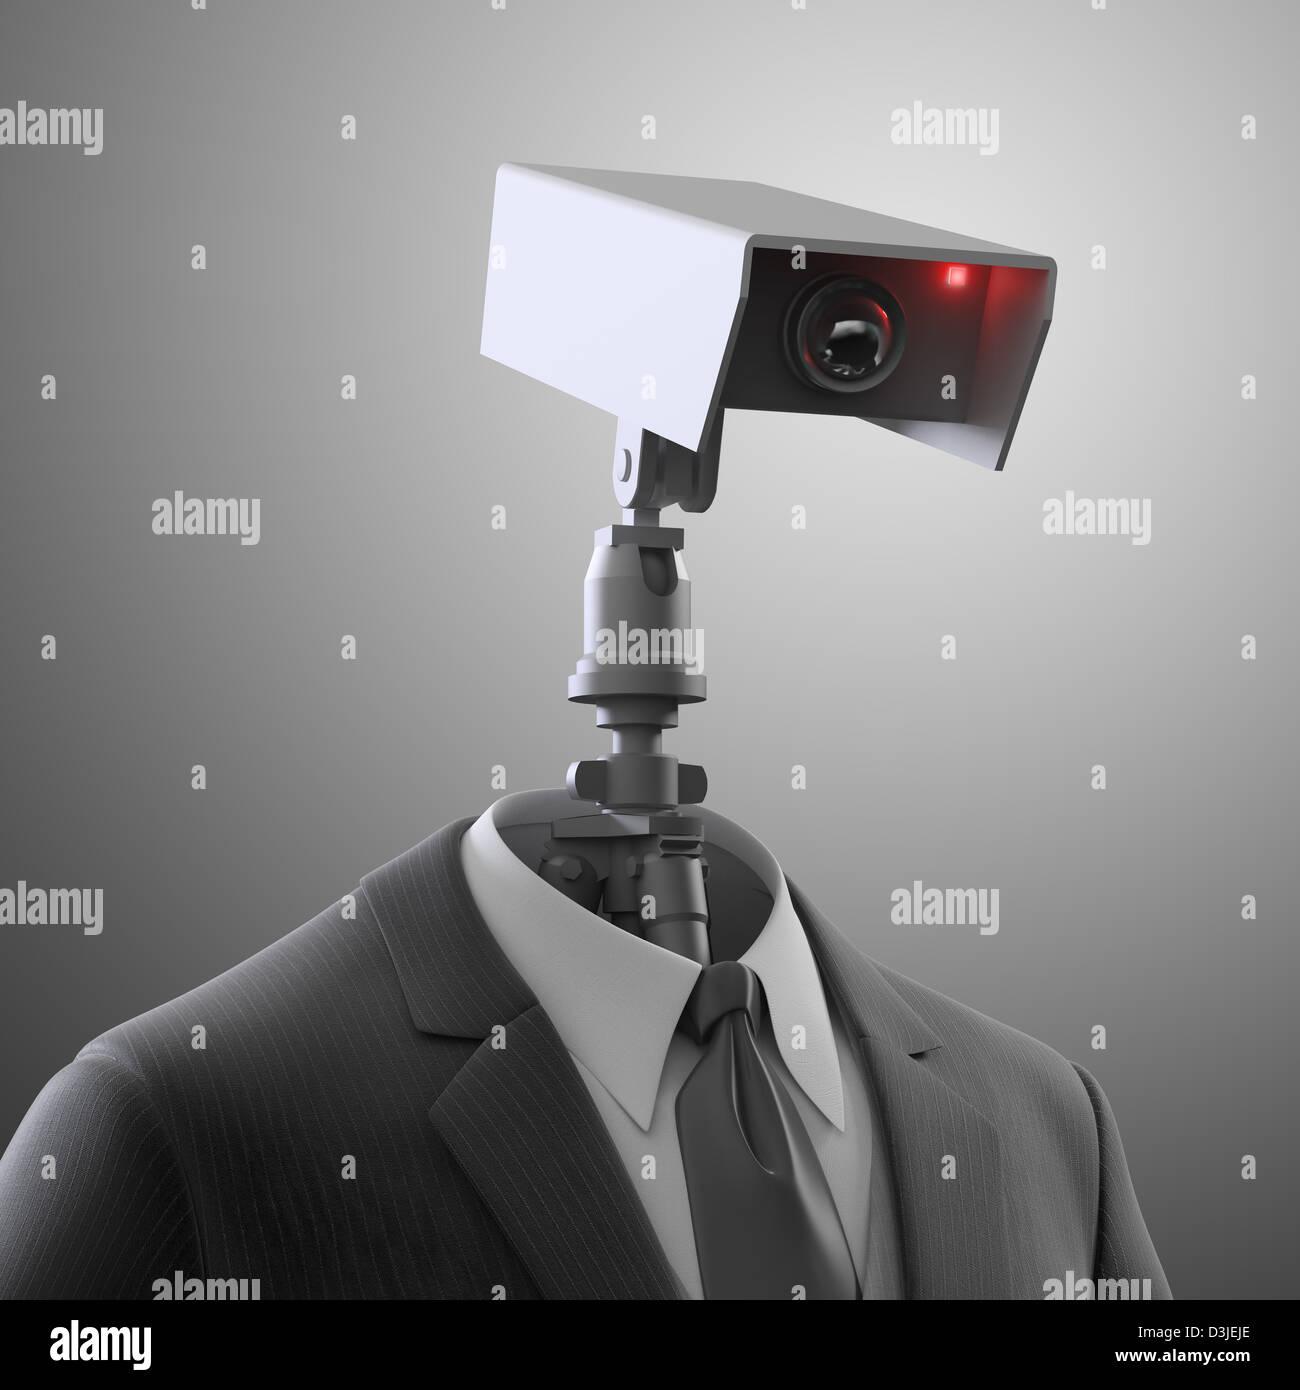 Un manipolatore robotico di una telecamera di sicurezza - sorveglianza automatizzata Foto Stock